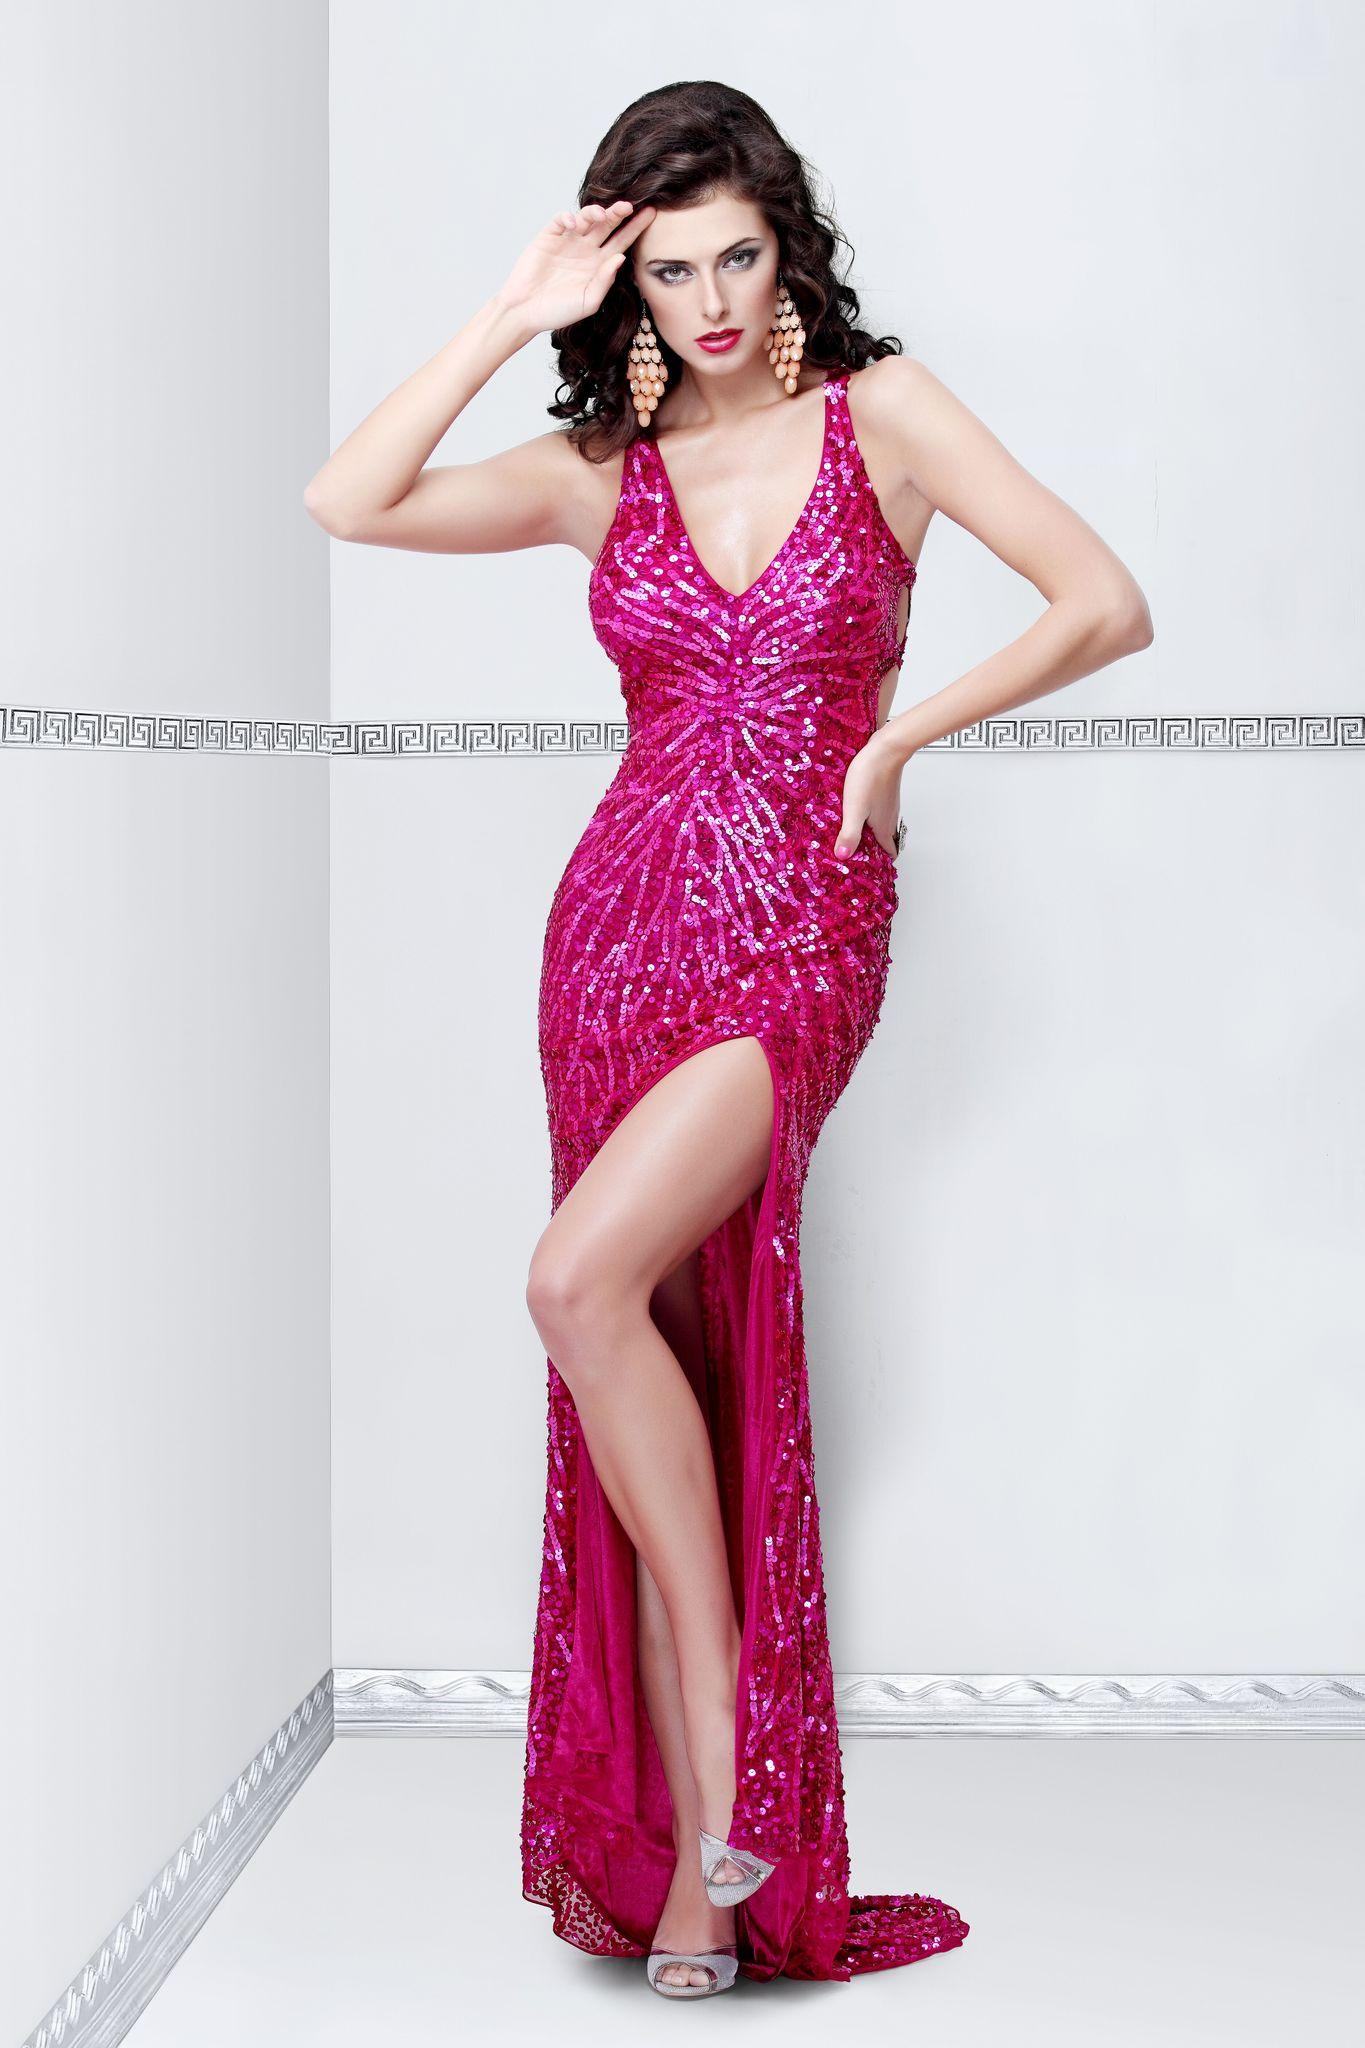 Длинное платье Rosalina 97251 в розовом цвете с вырезом на спине